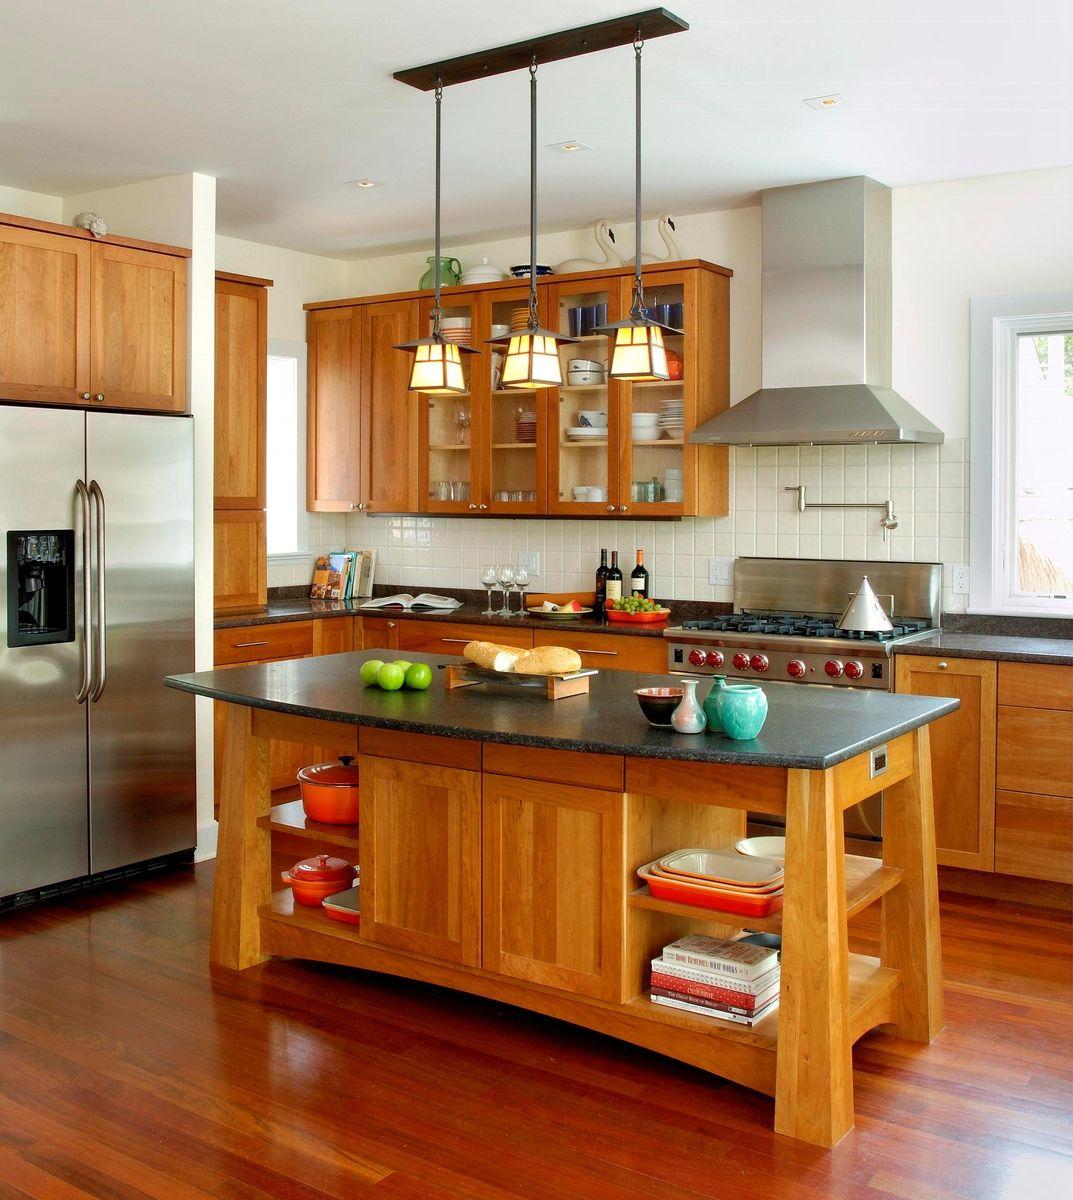 Arts Crafts Kitchen Island Rustic Kitchen Island Eclectic Kitchen Craftsman Kitchen